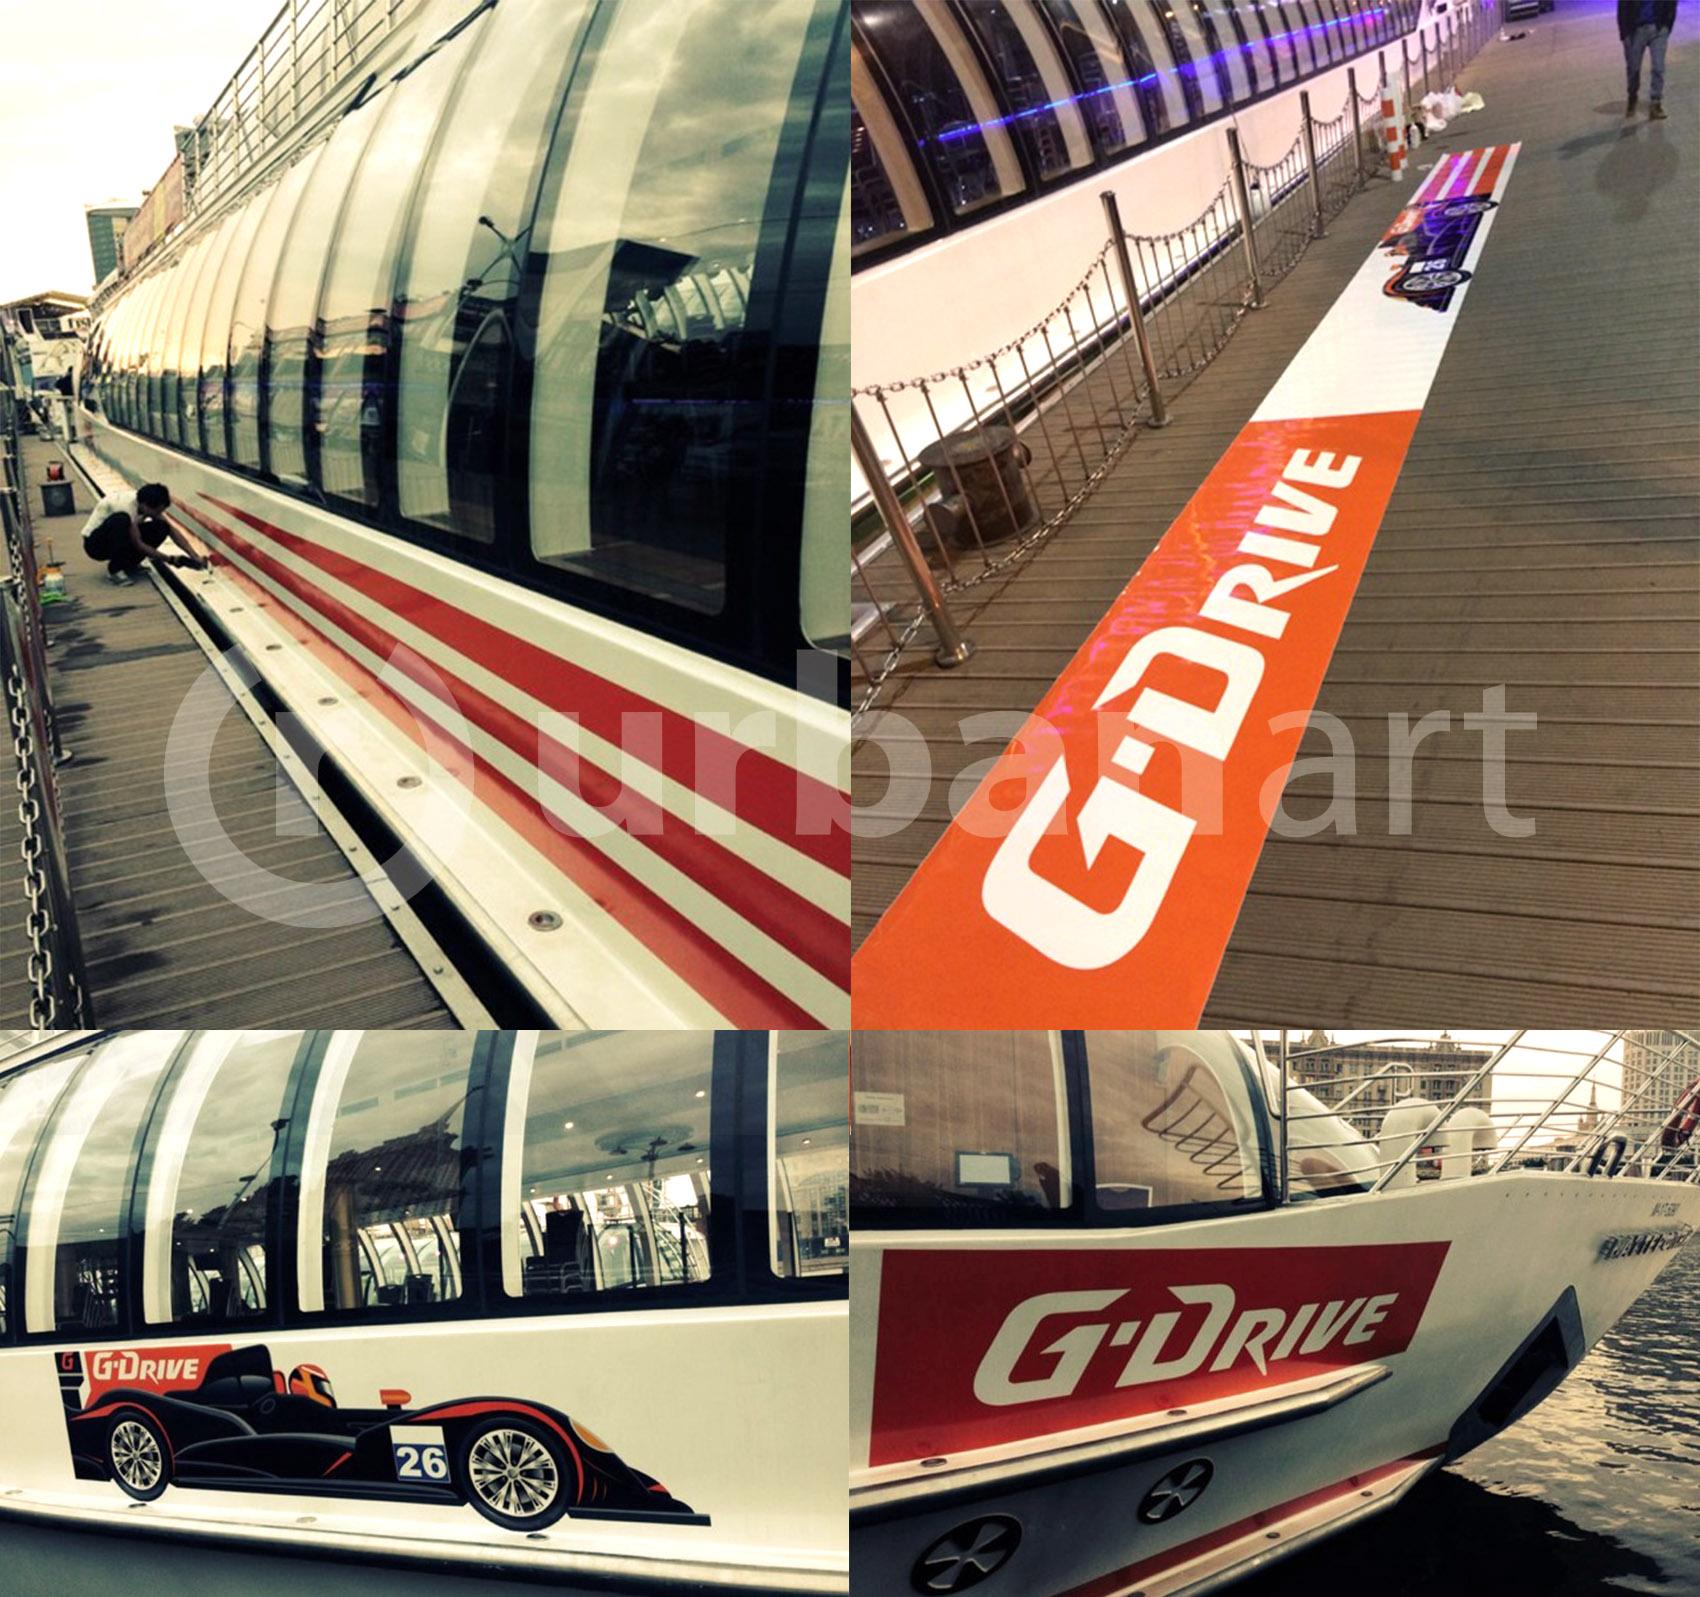 Брендинг флотилии Radisson для Газпром нефть G-drive